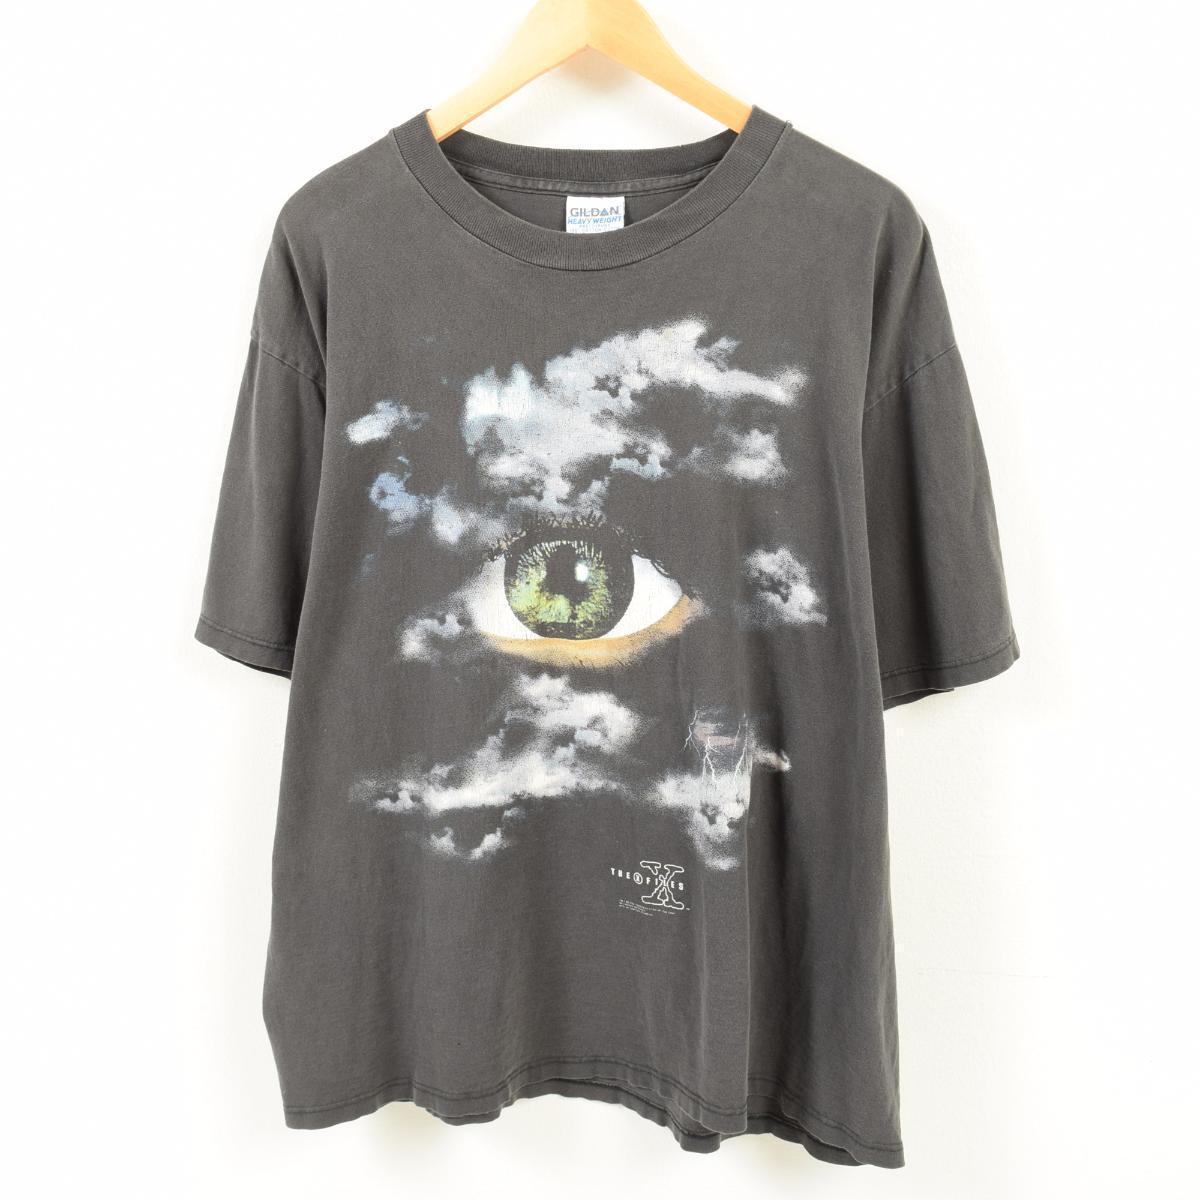 90年代 ギルダン GILDAN THE X FILES エックスファイル プリントTシャツ USA製 メンズXL /waq2700 【中古】 【180501】